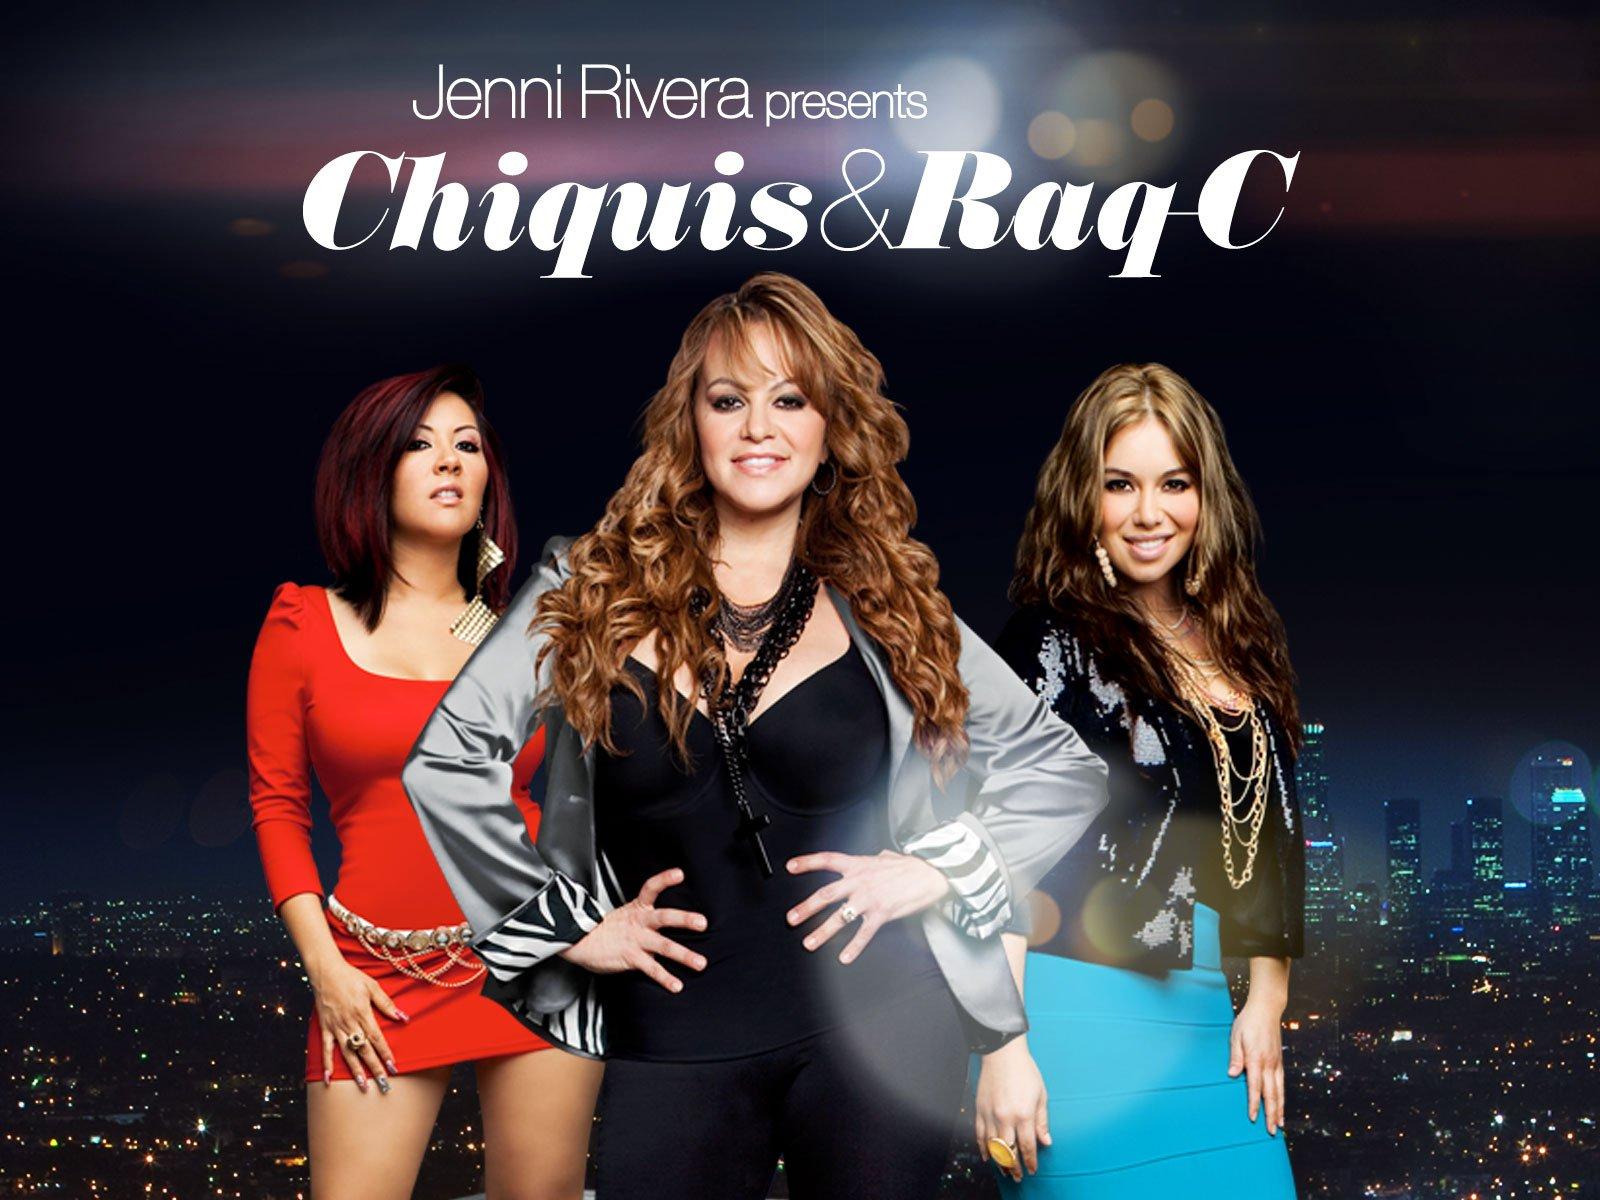 Amazon Watch Jenni Rivera Presents Chiquis Raq C Season 1